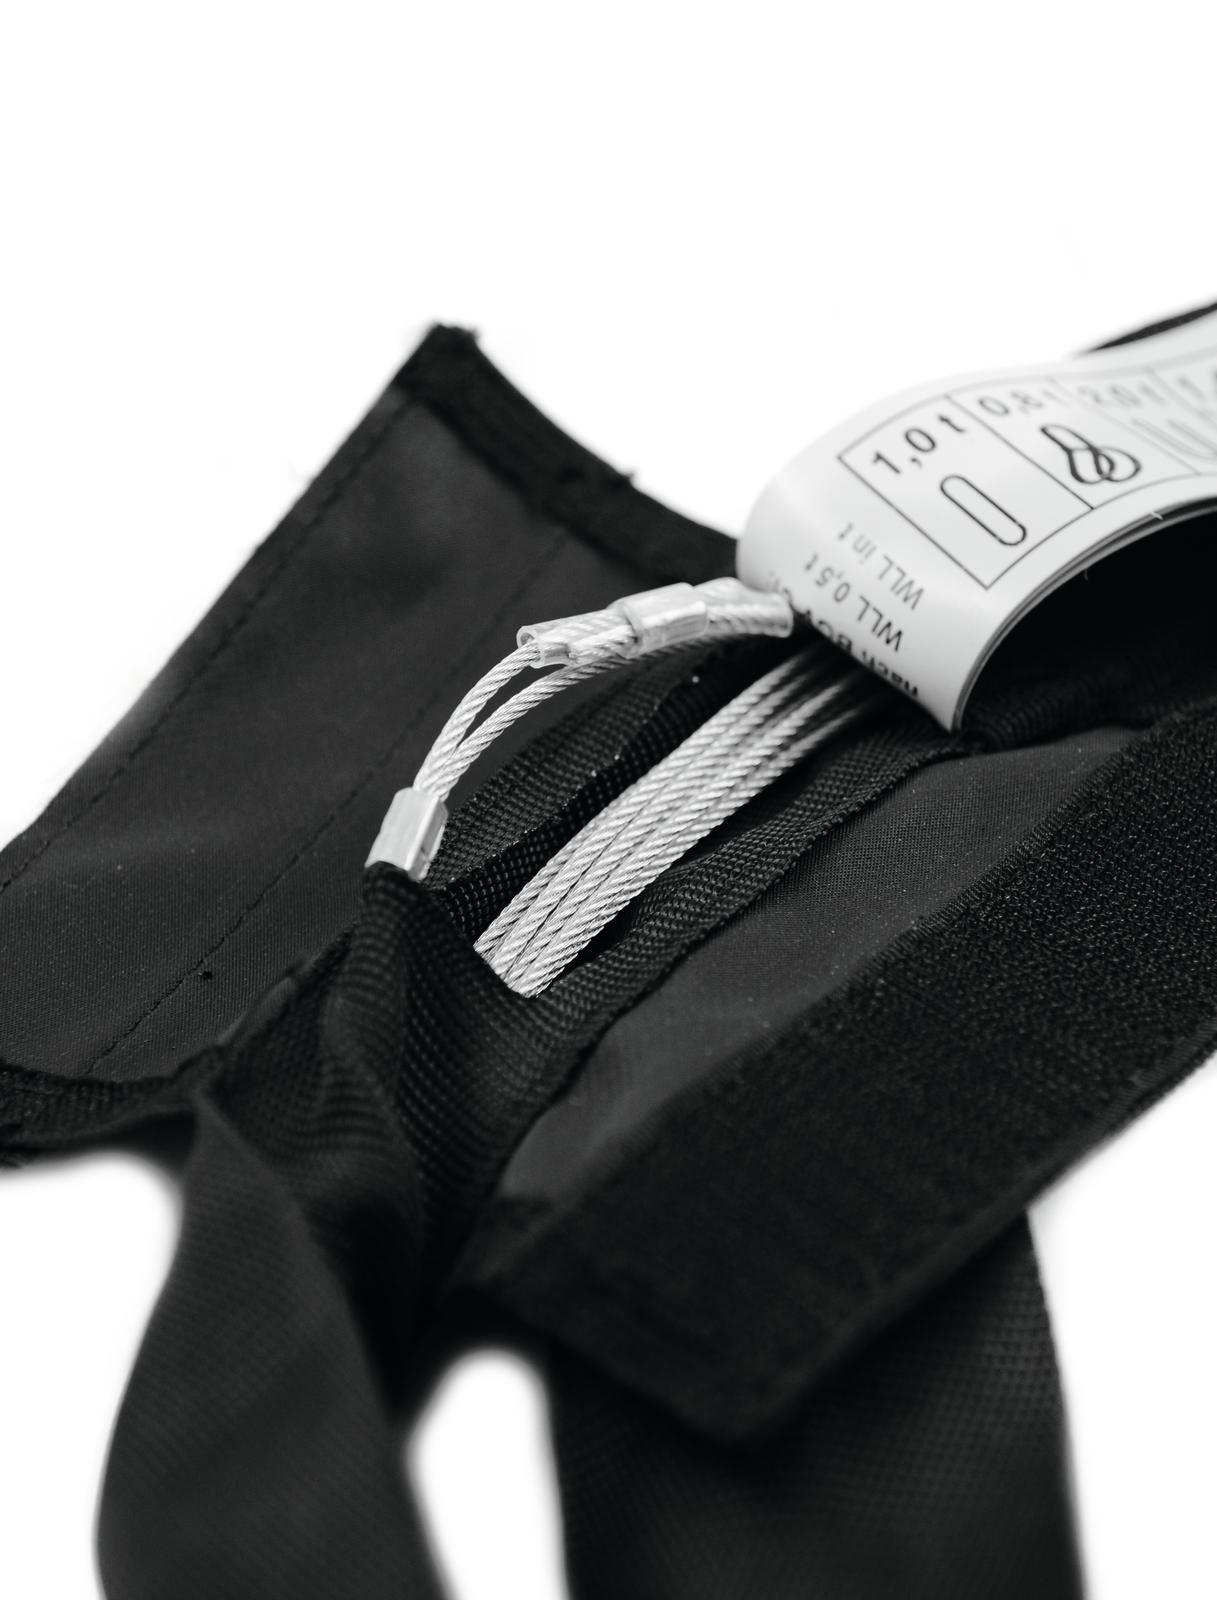 SHZ cinghia ad anello in acciaio con intarsio 2m/1000KG